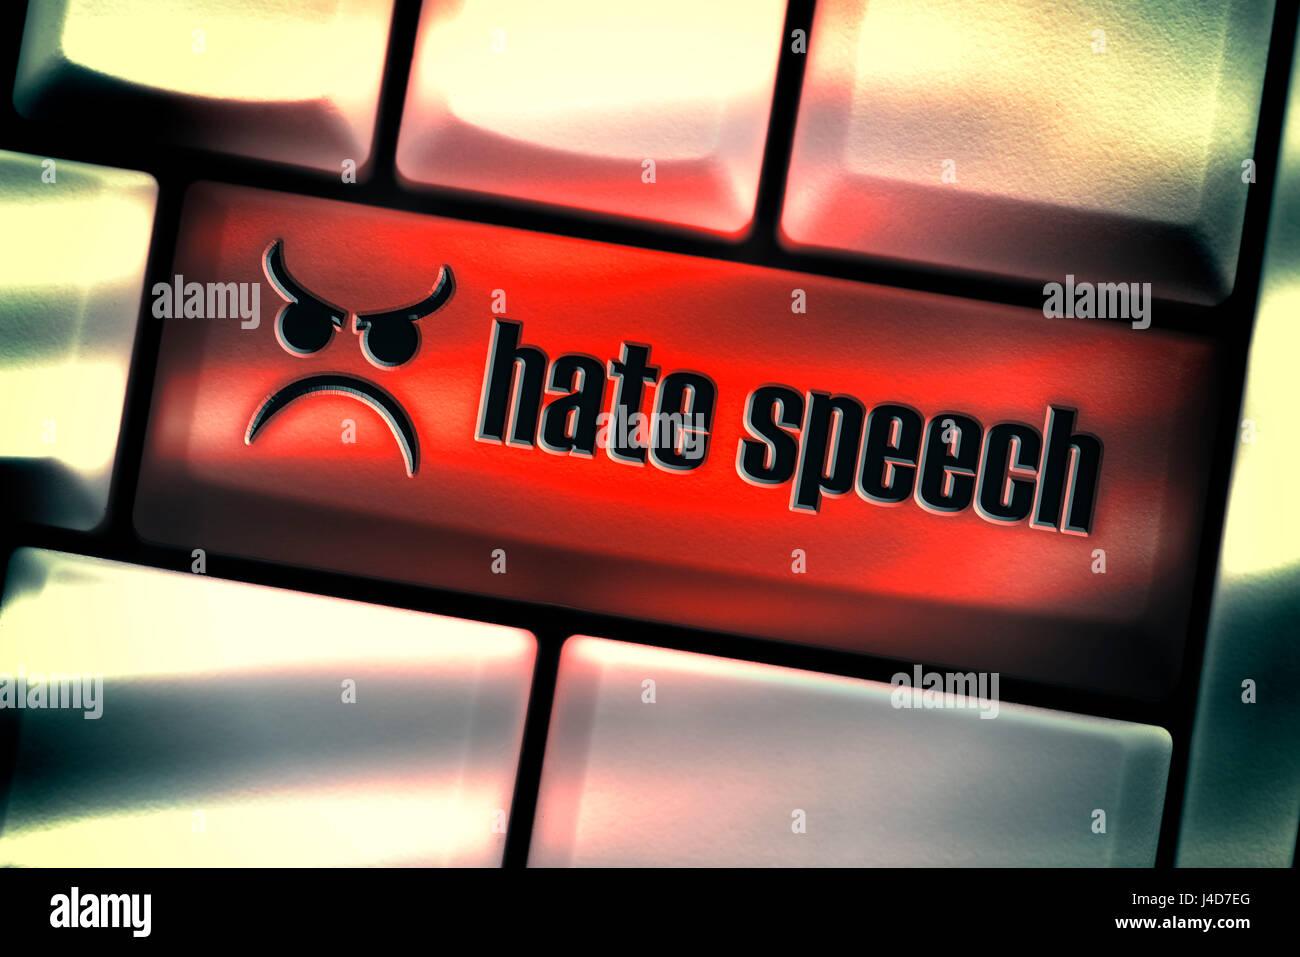 Chiave del computer con l'etichetta di odio, di odio parlando su reti sociali, Computertaste mit der Aufschrift Immagini Stock